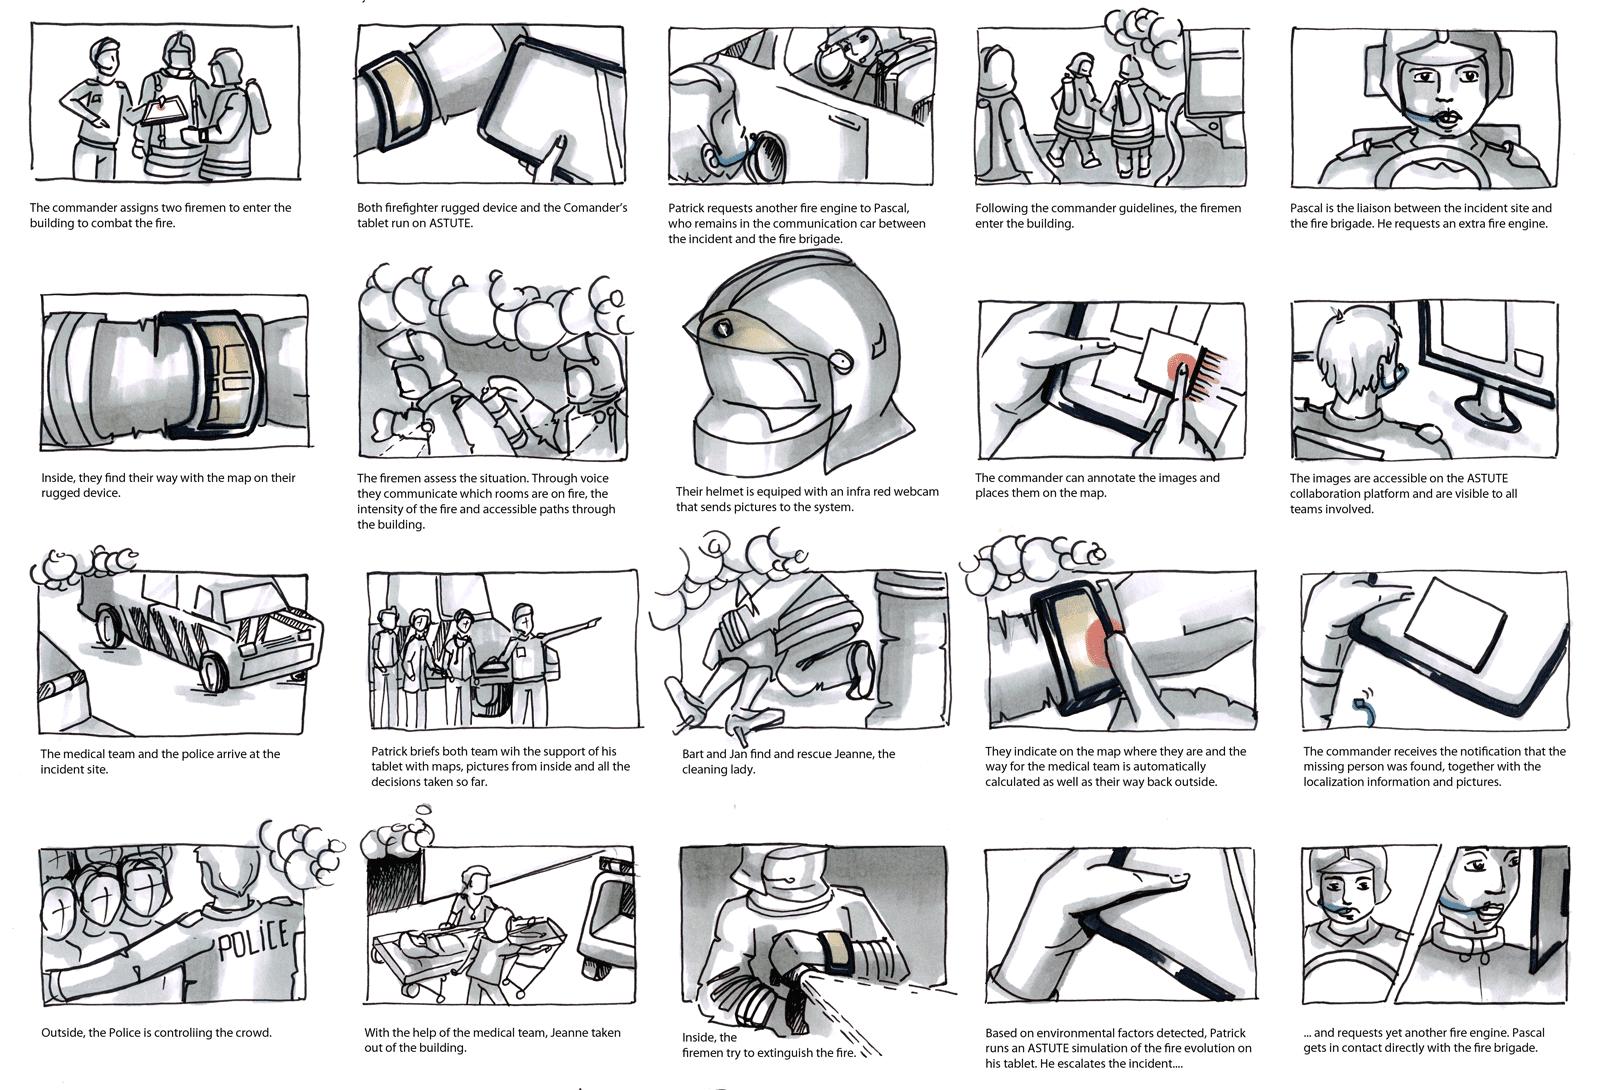 Storyboard Future Interaction Scenario